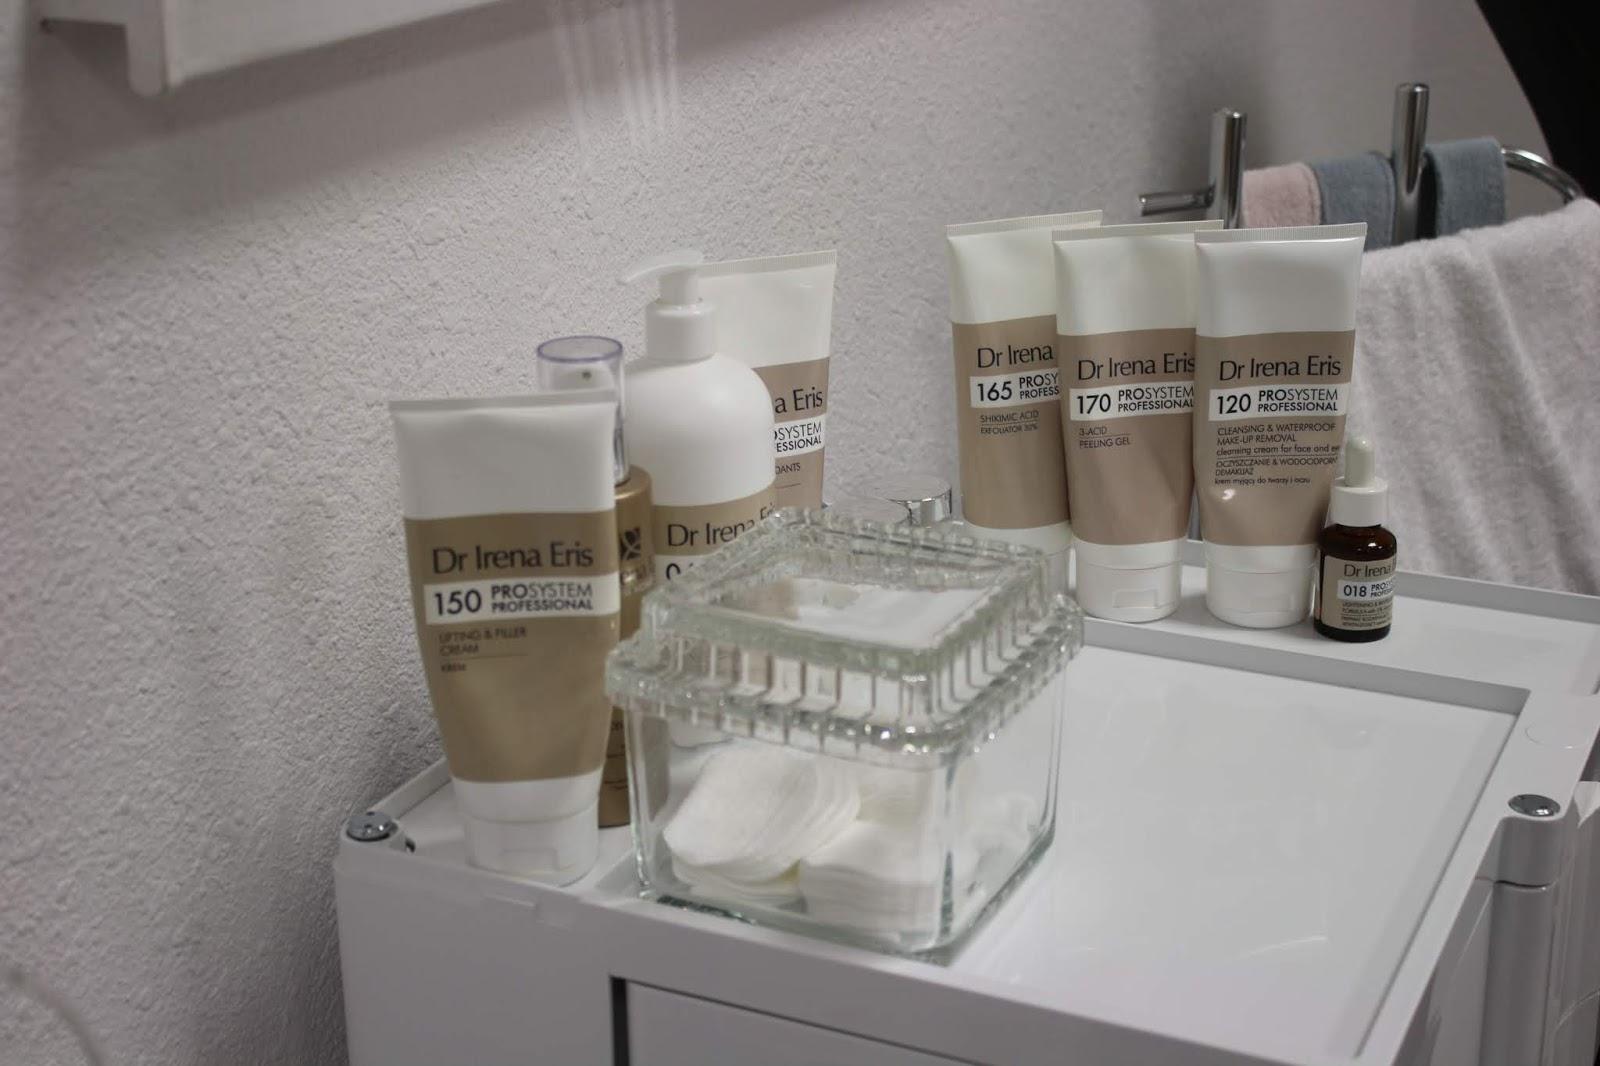 Dr Irena Eris kosmetyki